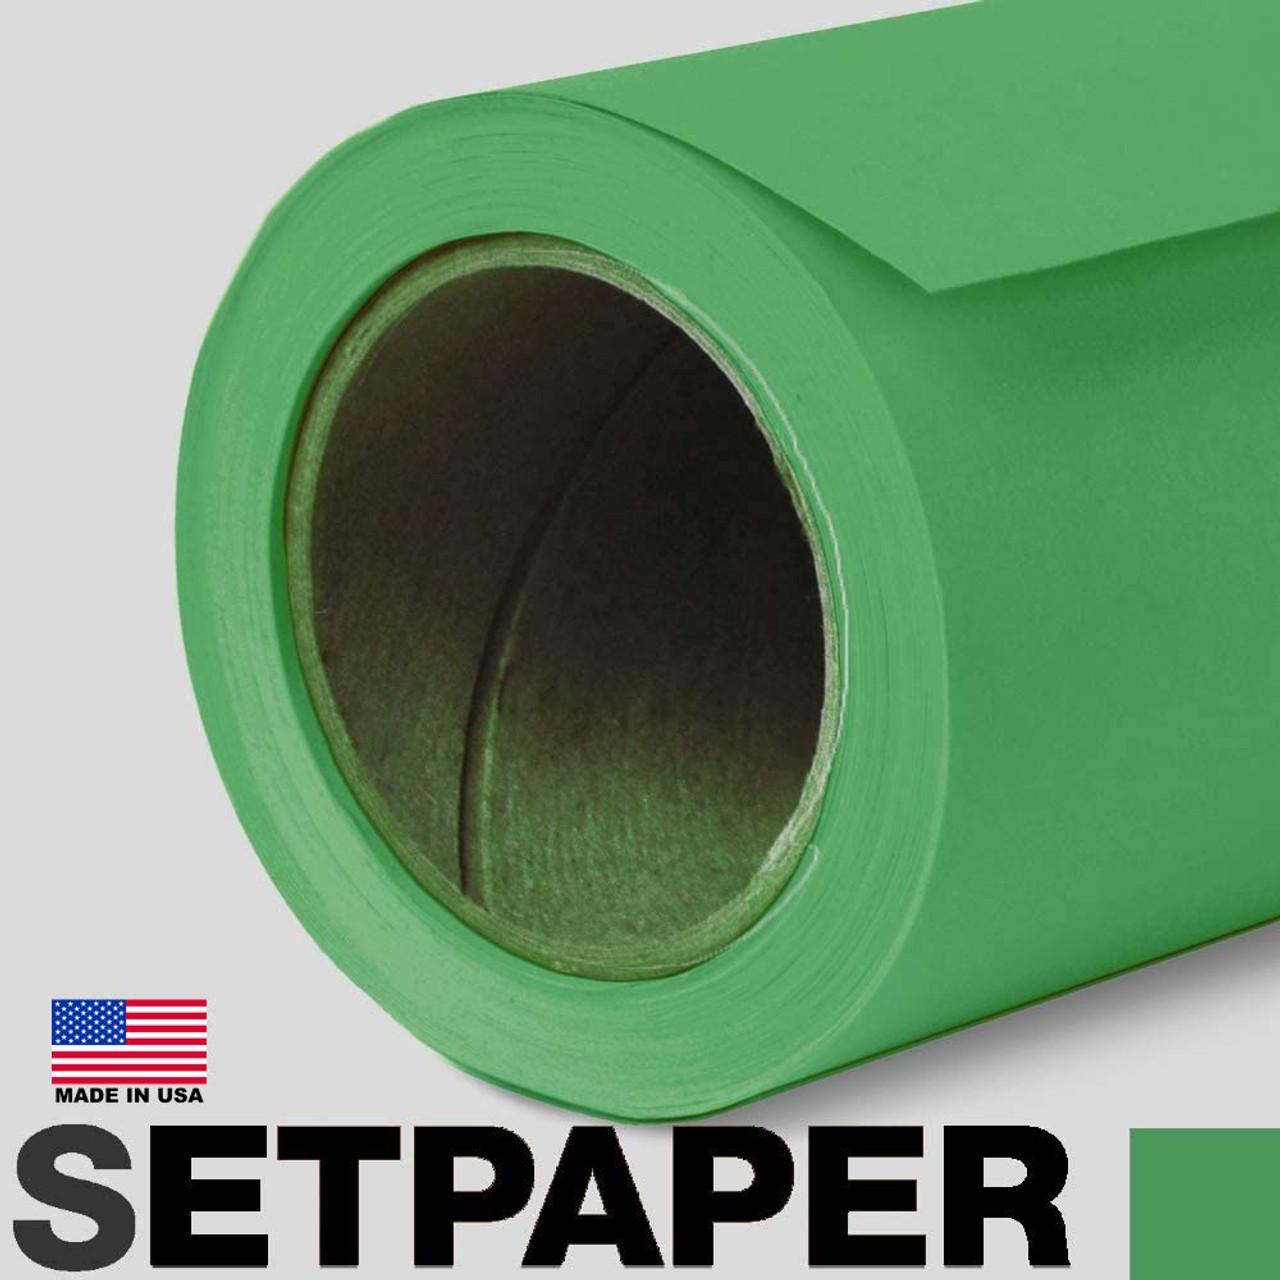 """EXTRA LONG SETPAPER - BRIGHT GREEN (CHROMA GREEN) 107"""" x 36' (2.7 x 11m)"""